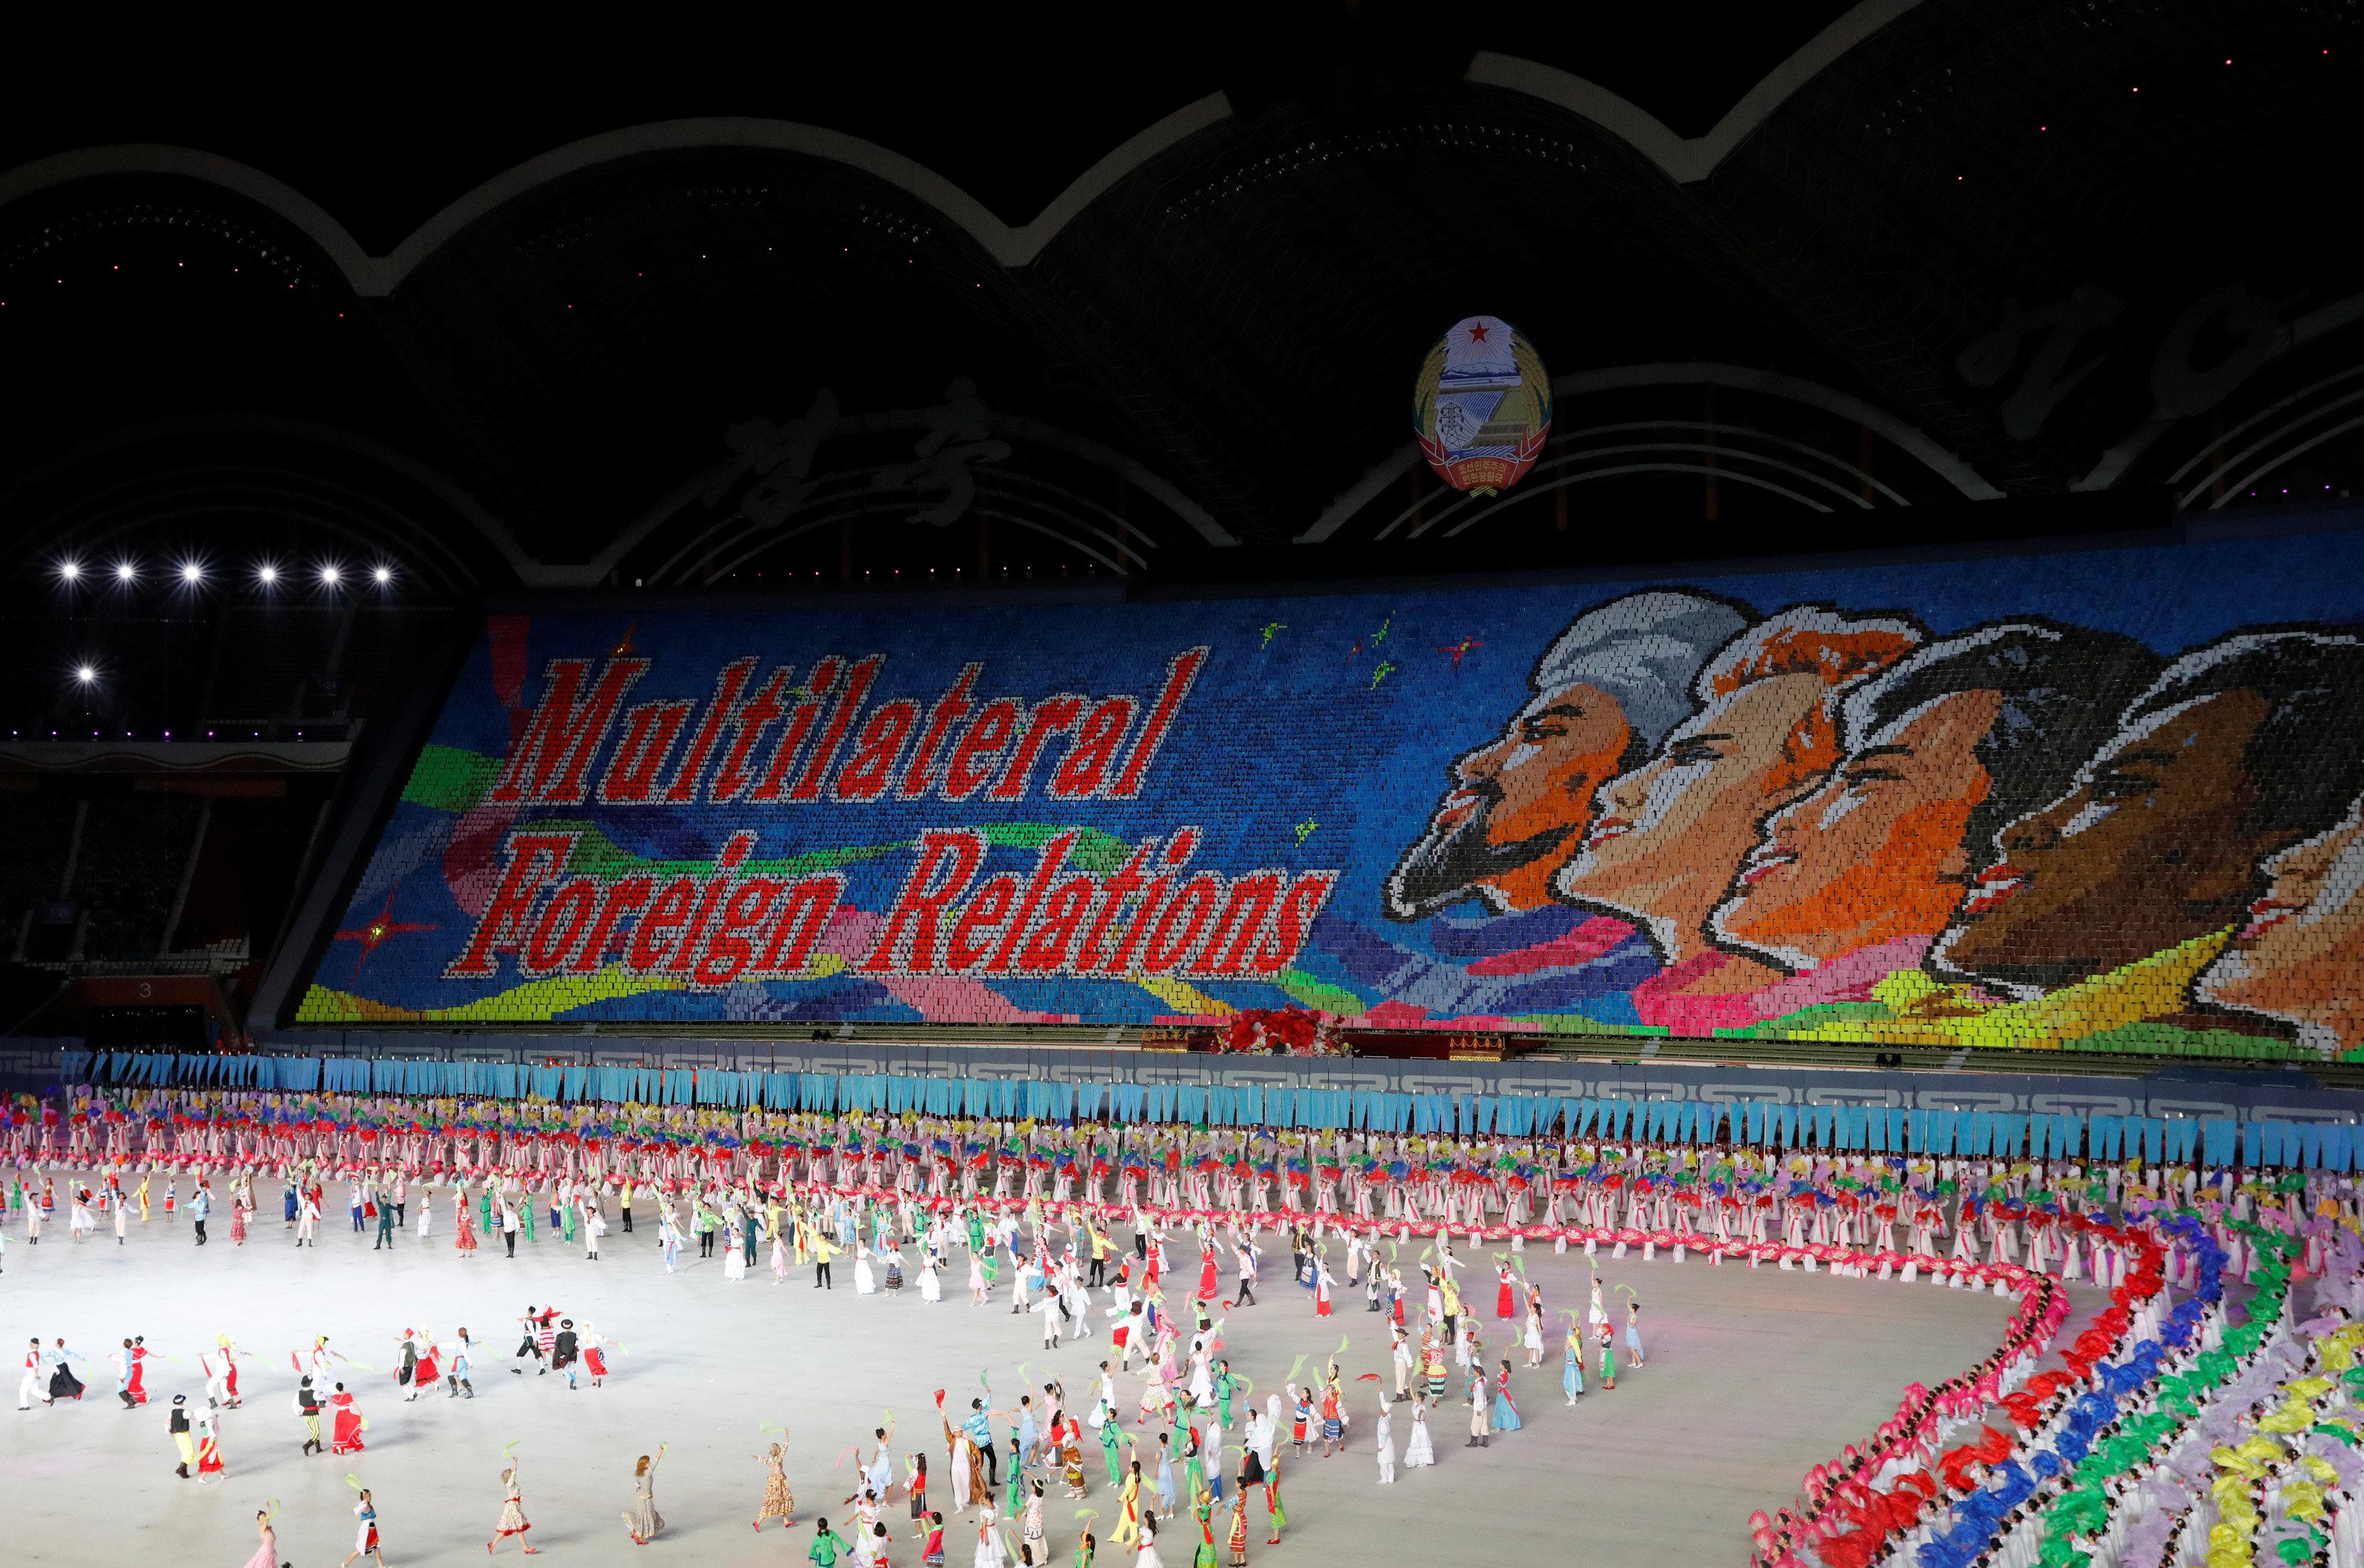 احتفالات فنية أثناء الاحتفال باليوم الوطنى لكوريا الشمالية